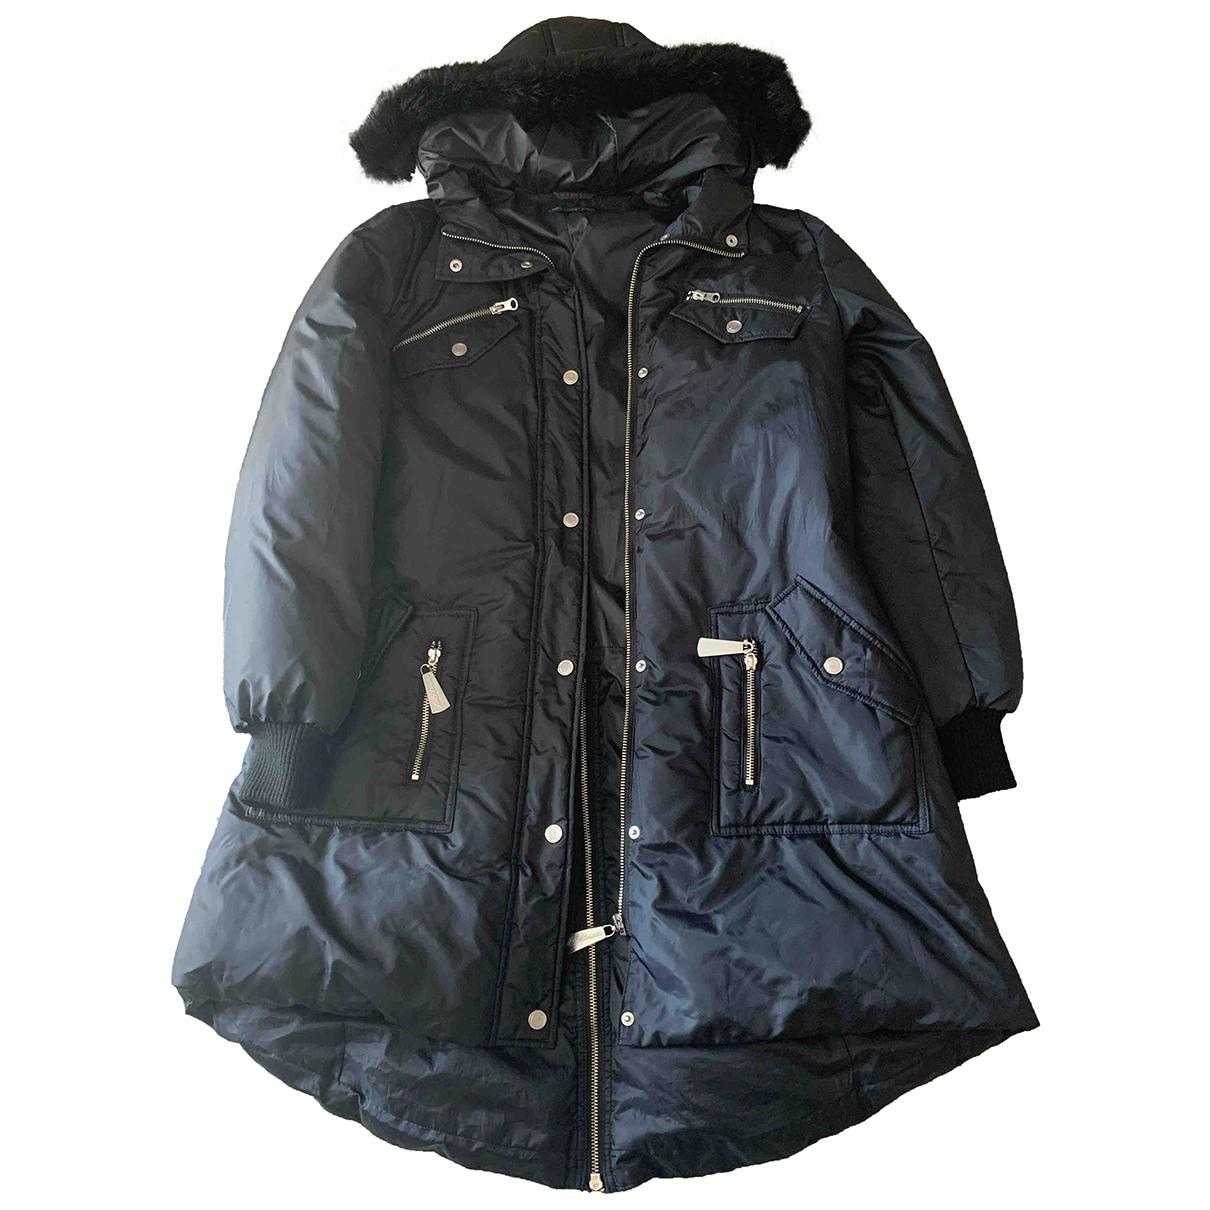 Blumarine \N Black jacket & coat for Kids 14 years - S FR